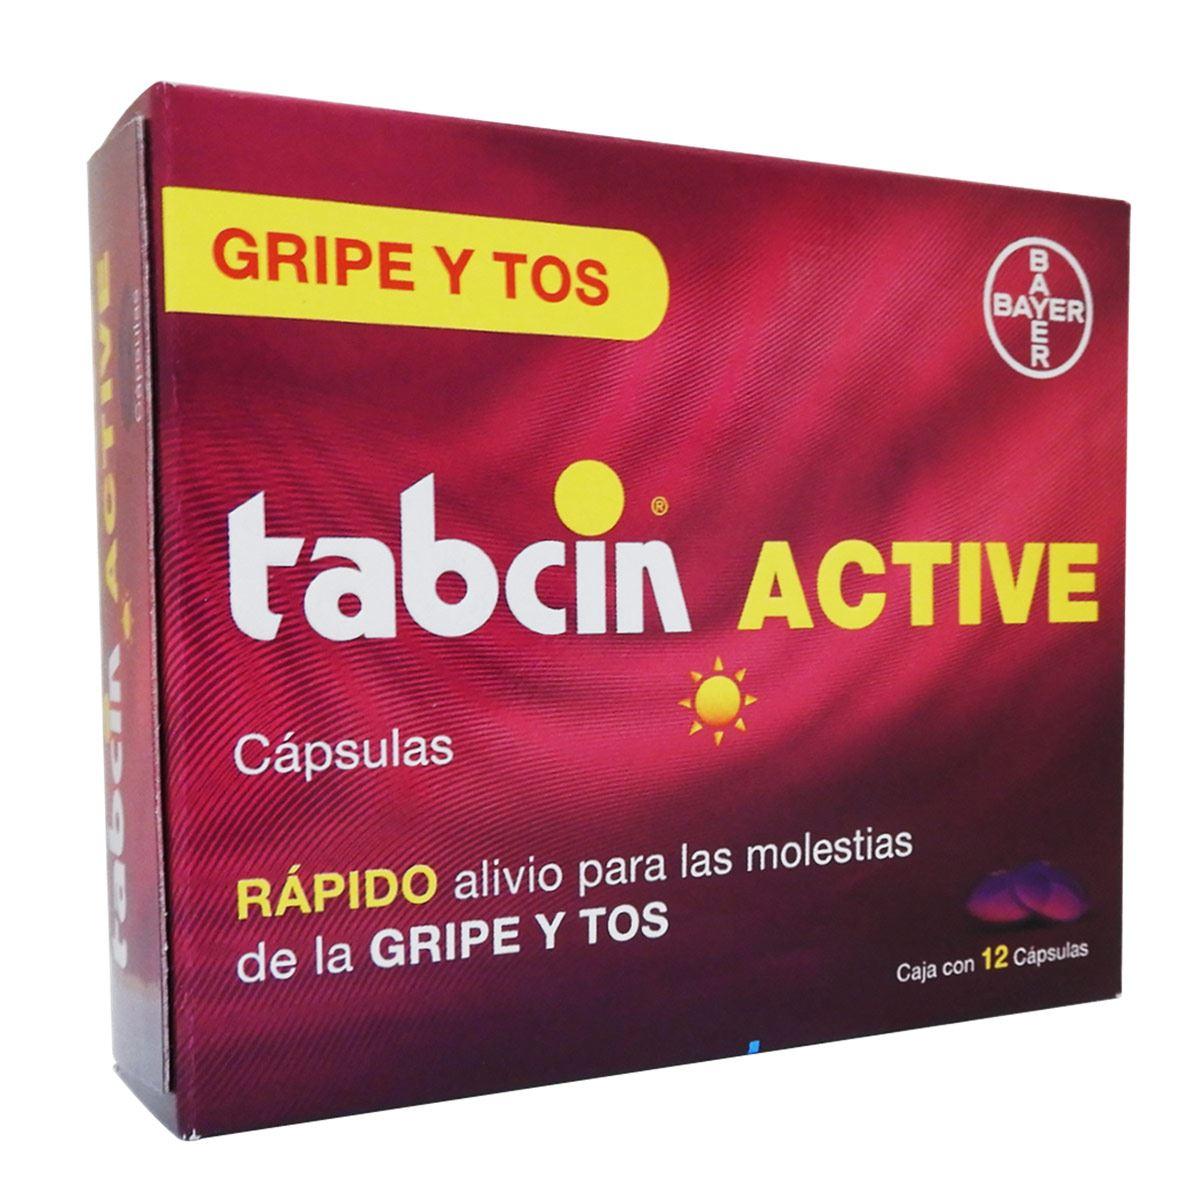 Tabcin-active cápsulas gripe y tos  - Sanborns